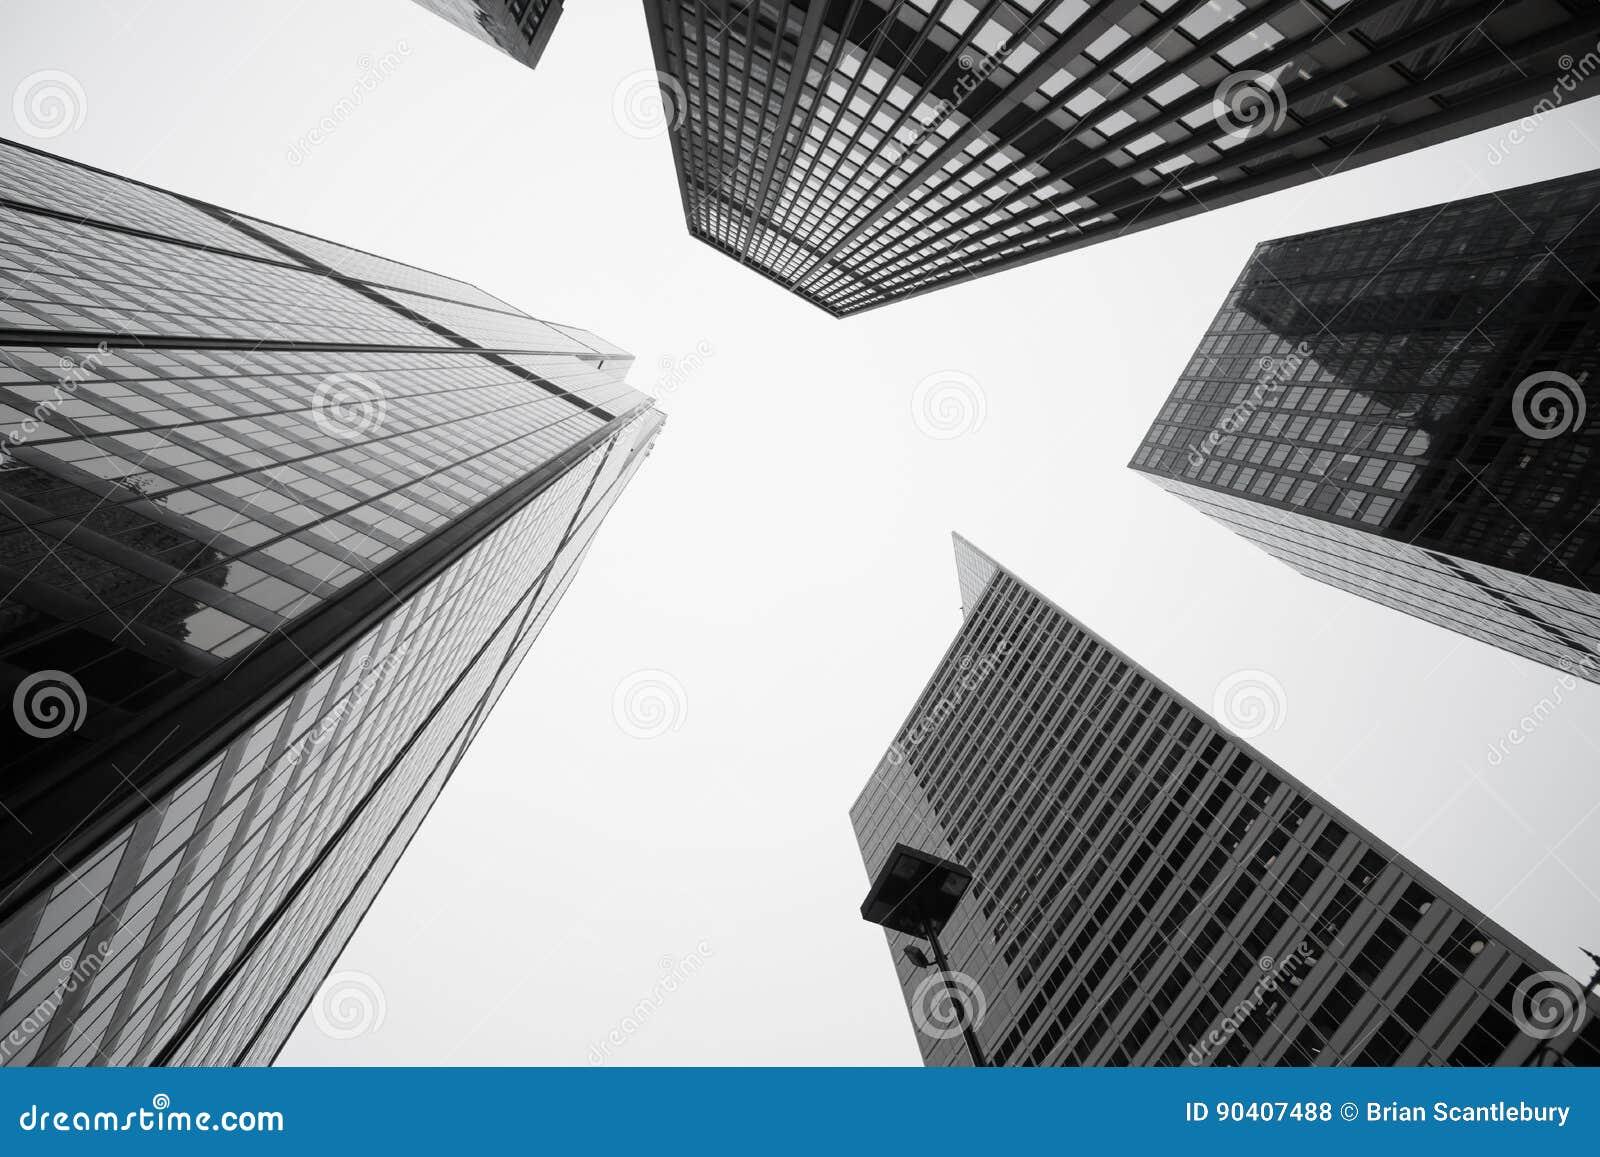 Arquitectura y paisajes urbanos elevados de cinco edificios de Chicago